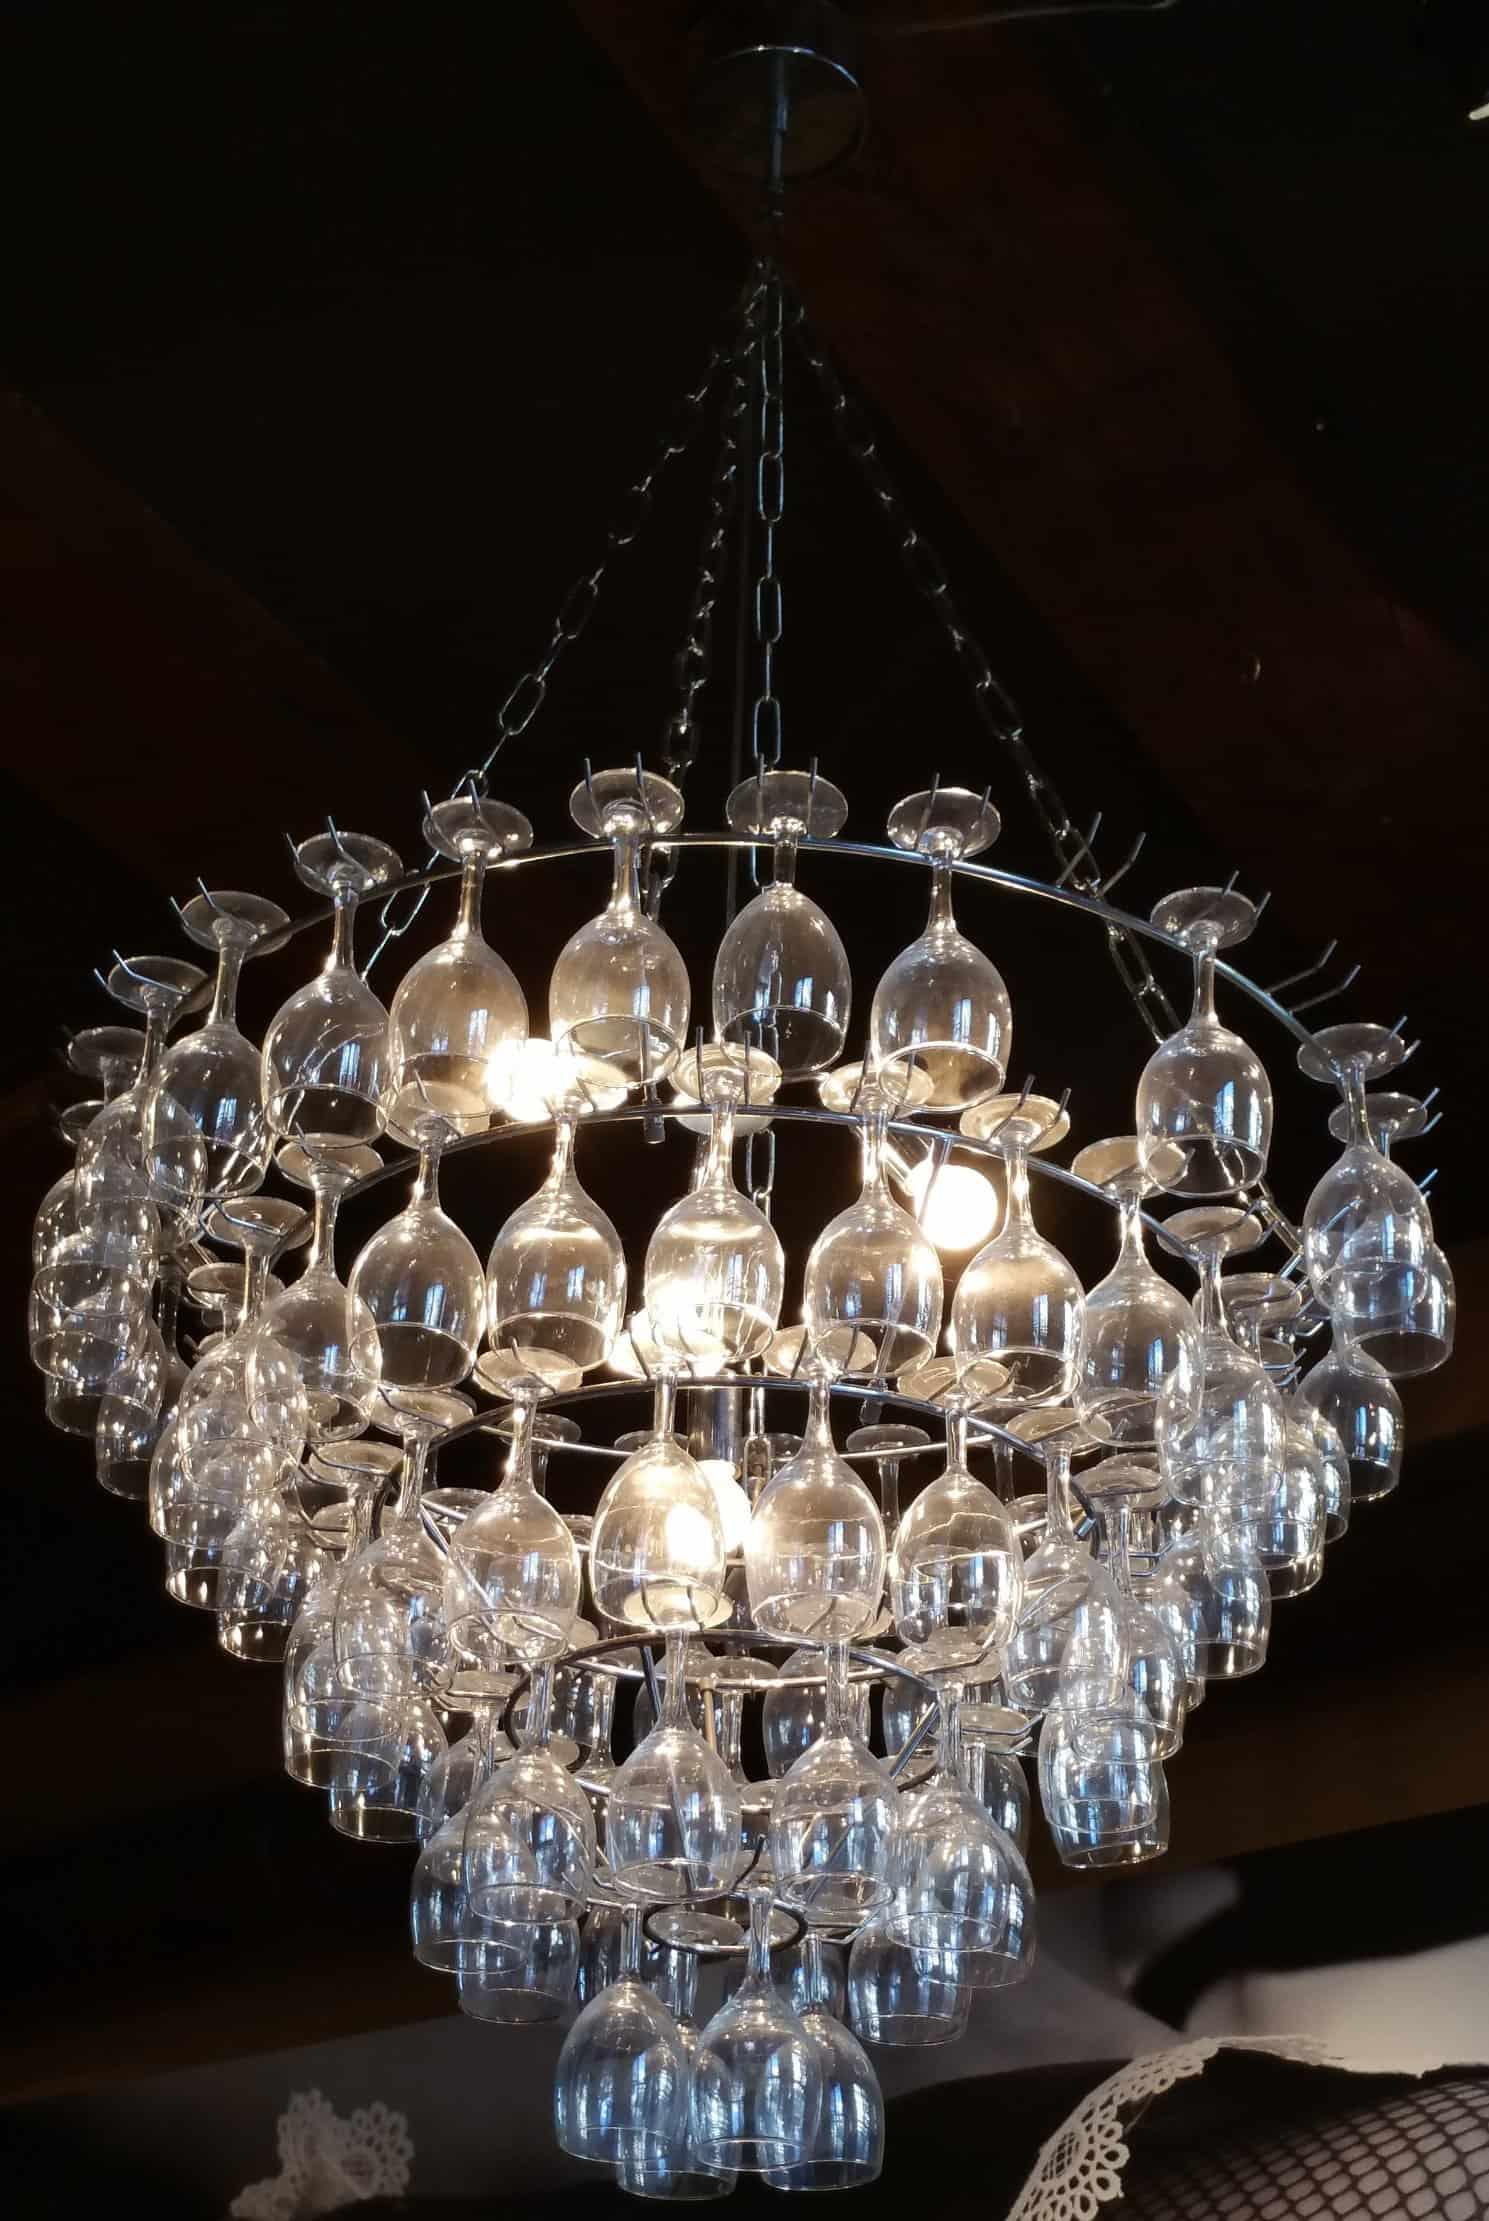 New Hanglamp maken van gebruikte wijnglazen - Hobby.blogo.nl #FM96